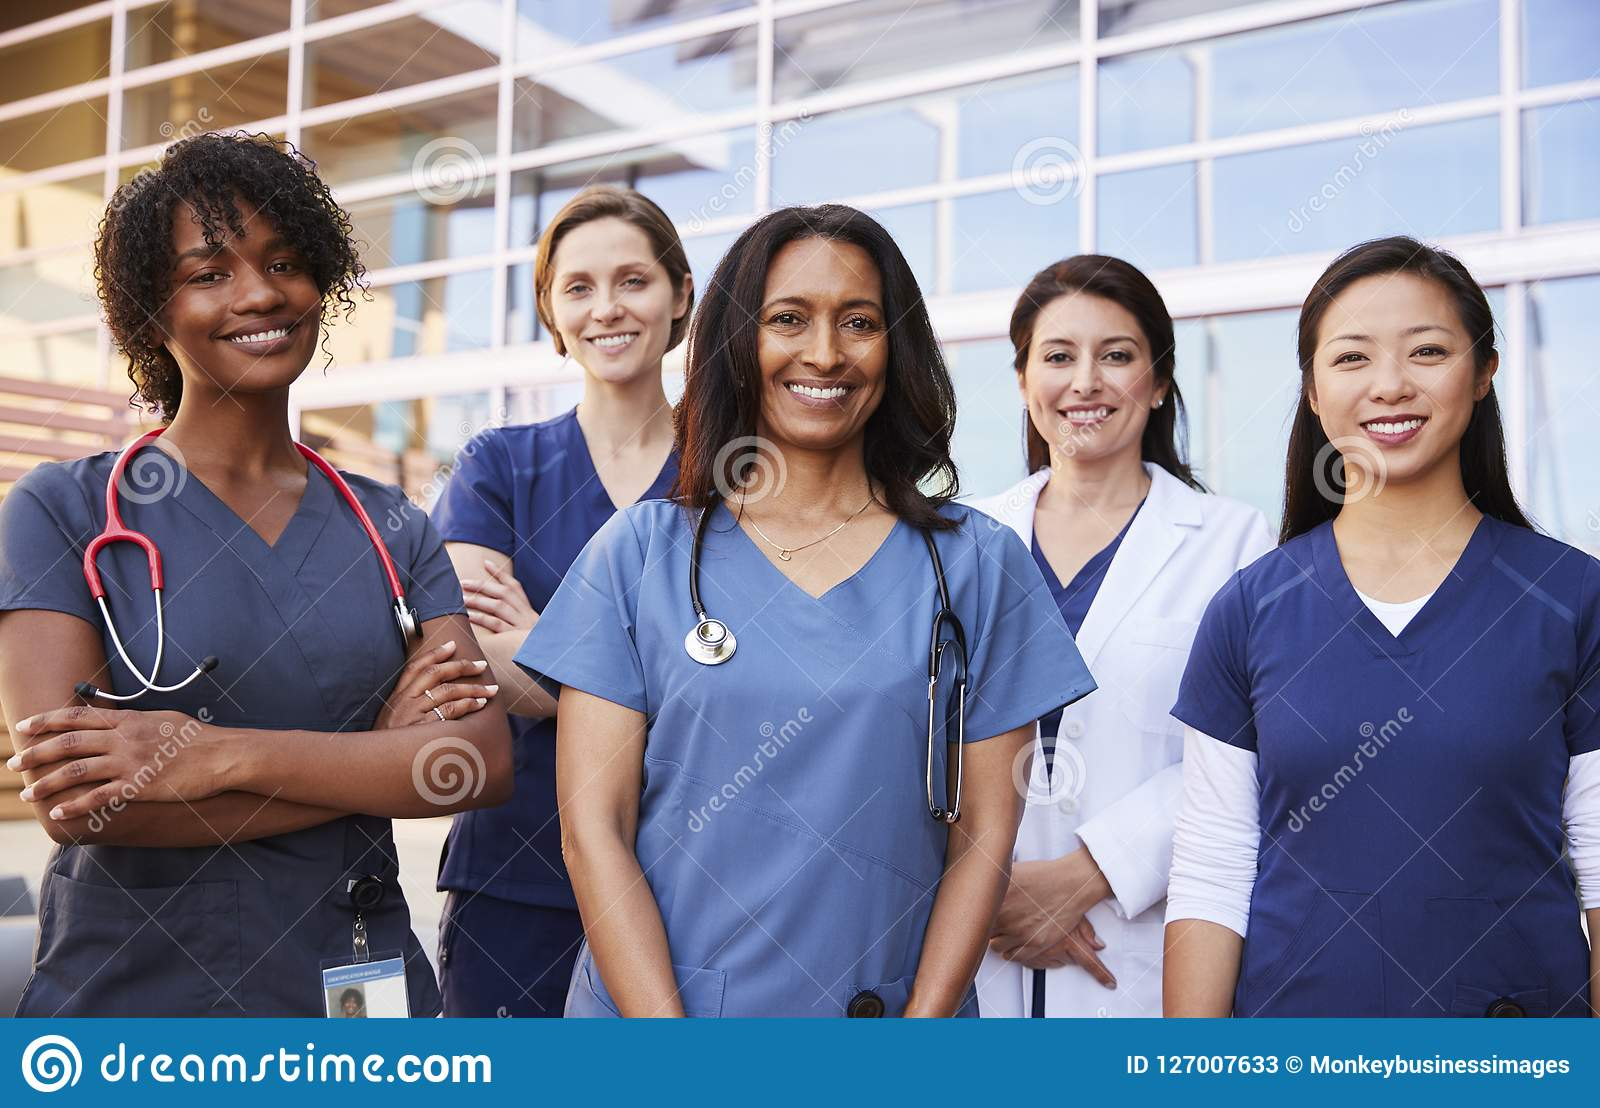 站立外部医院的女性医疗保健同事